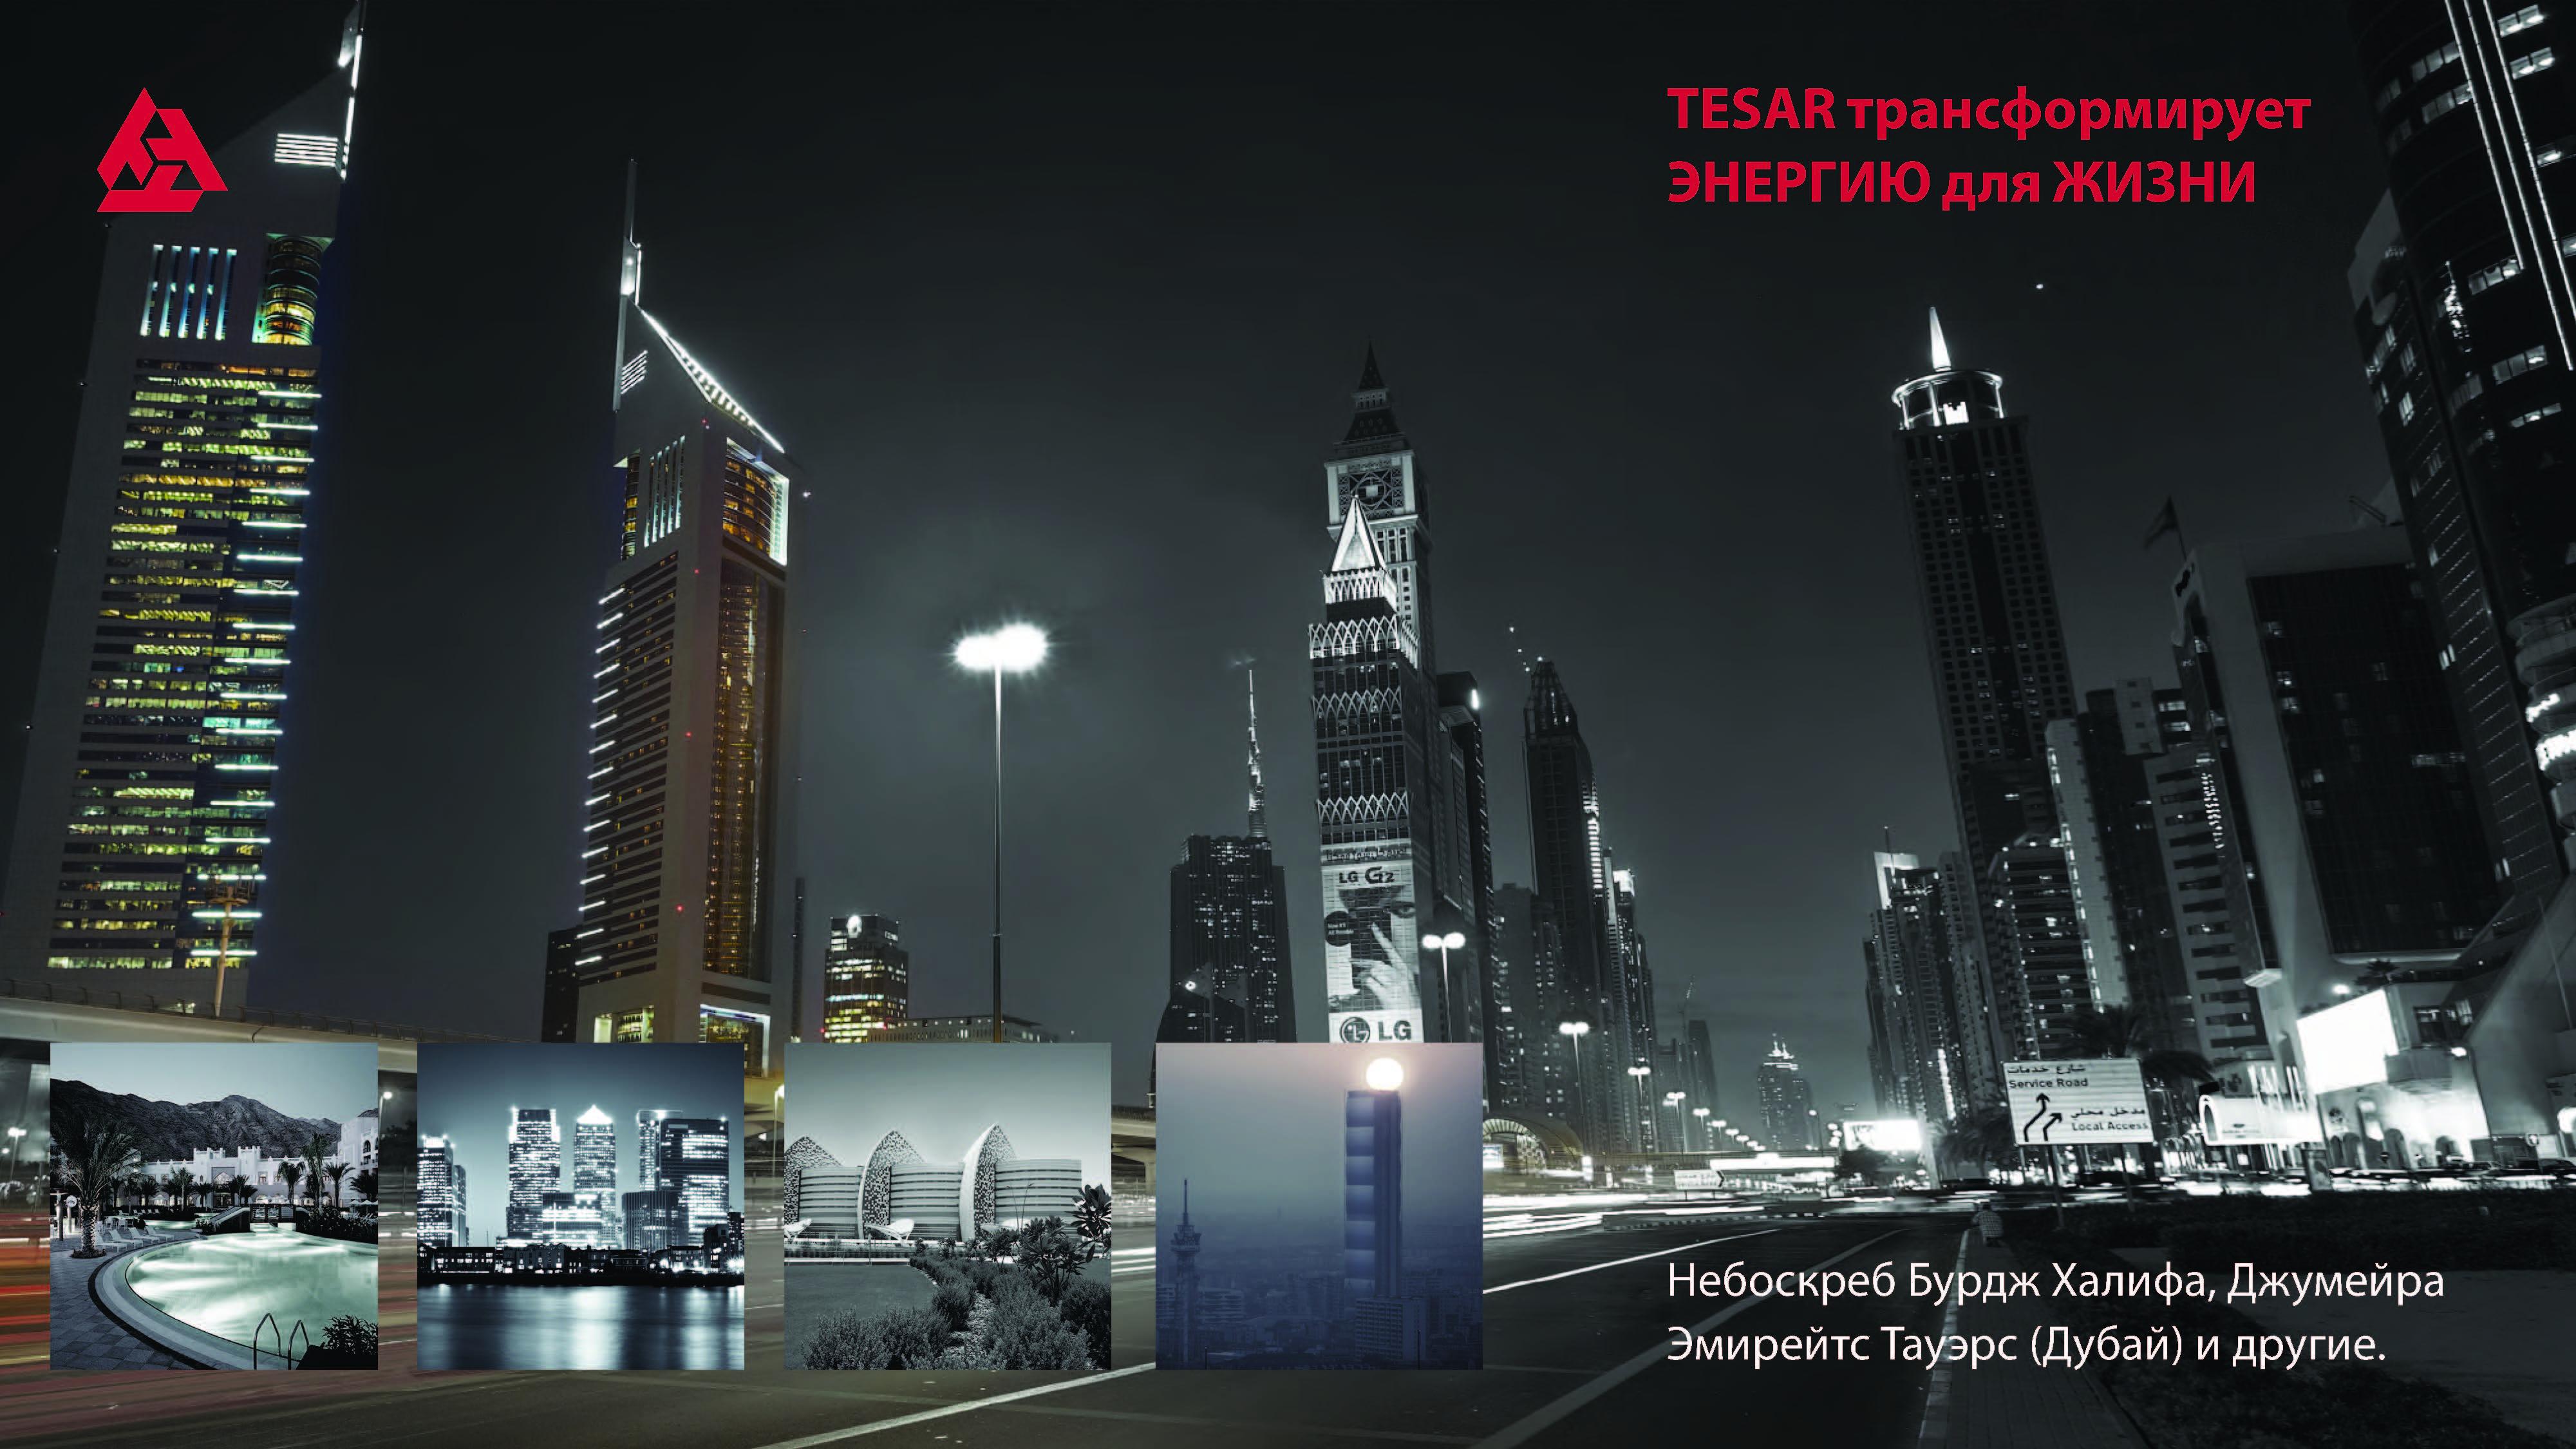 Tesar трансформирует энергию для эизни